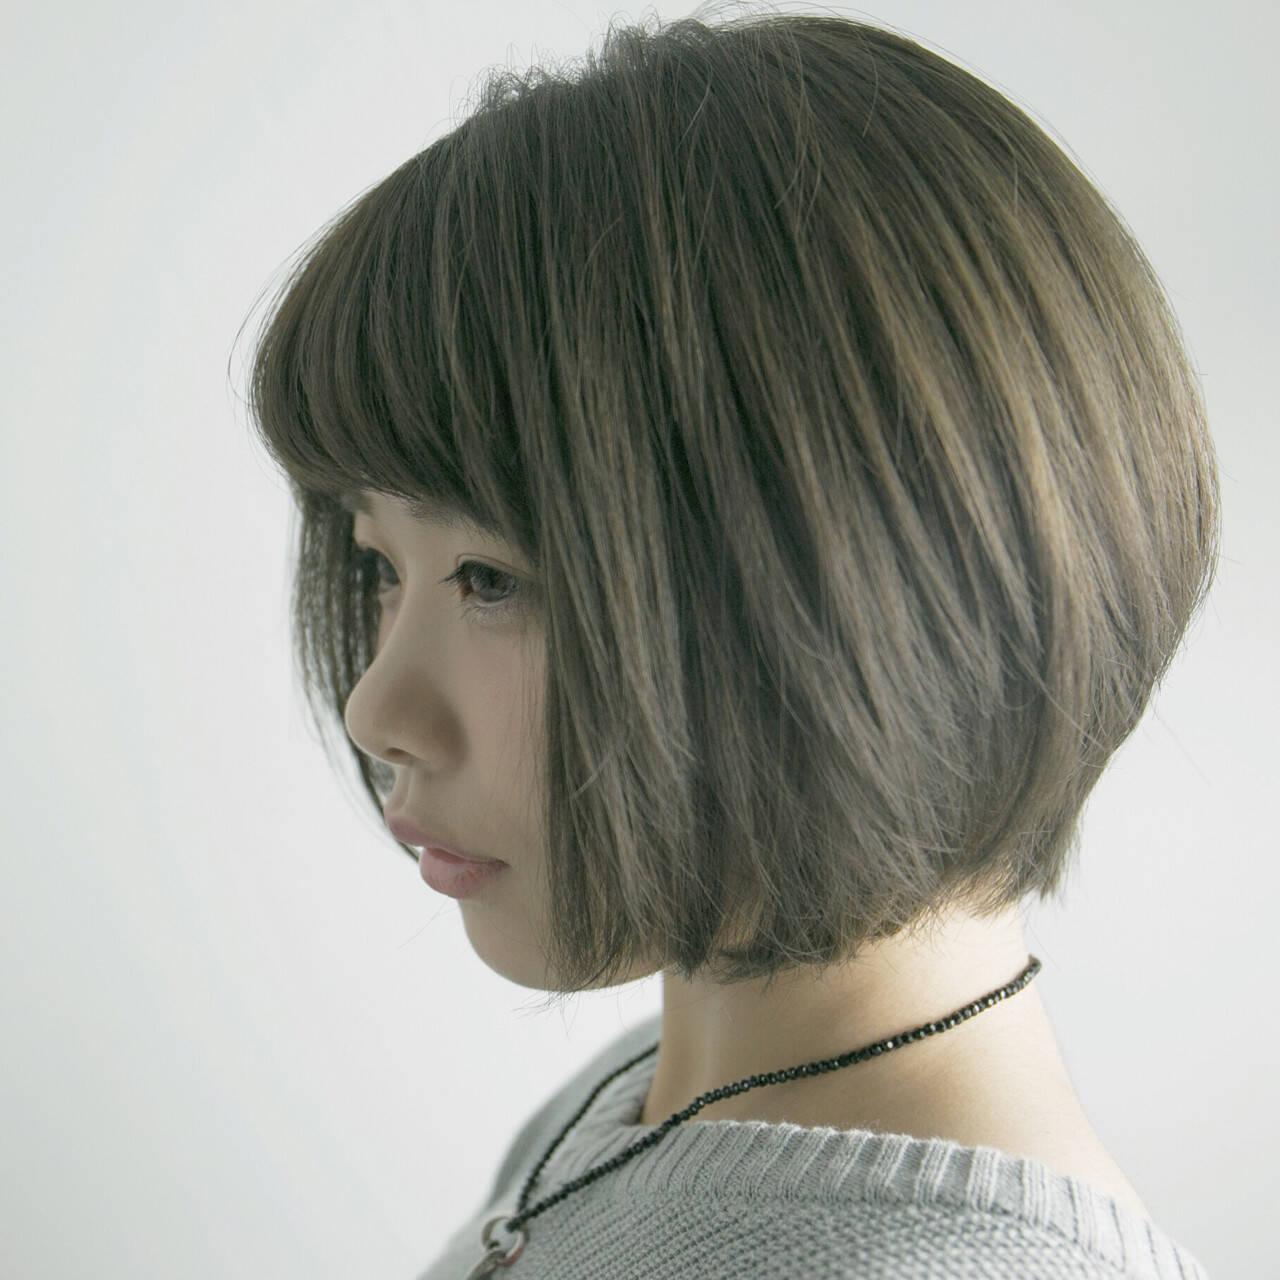 ナチュラル グレージュ ボブ ニュアンスヘアスタイルや髪型の写真・画像